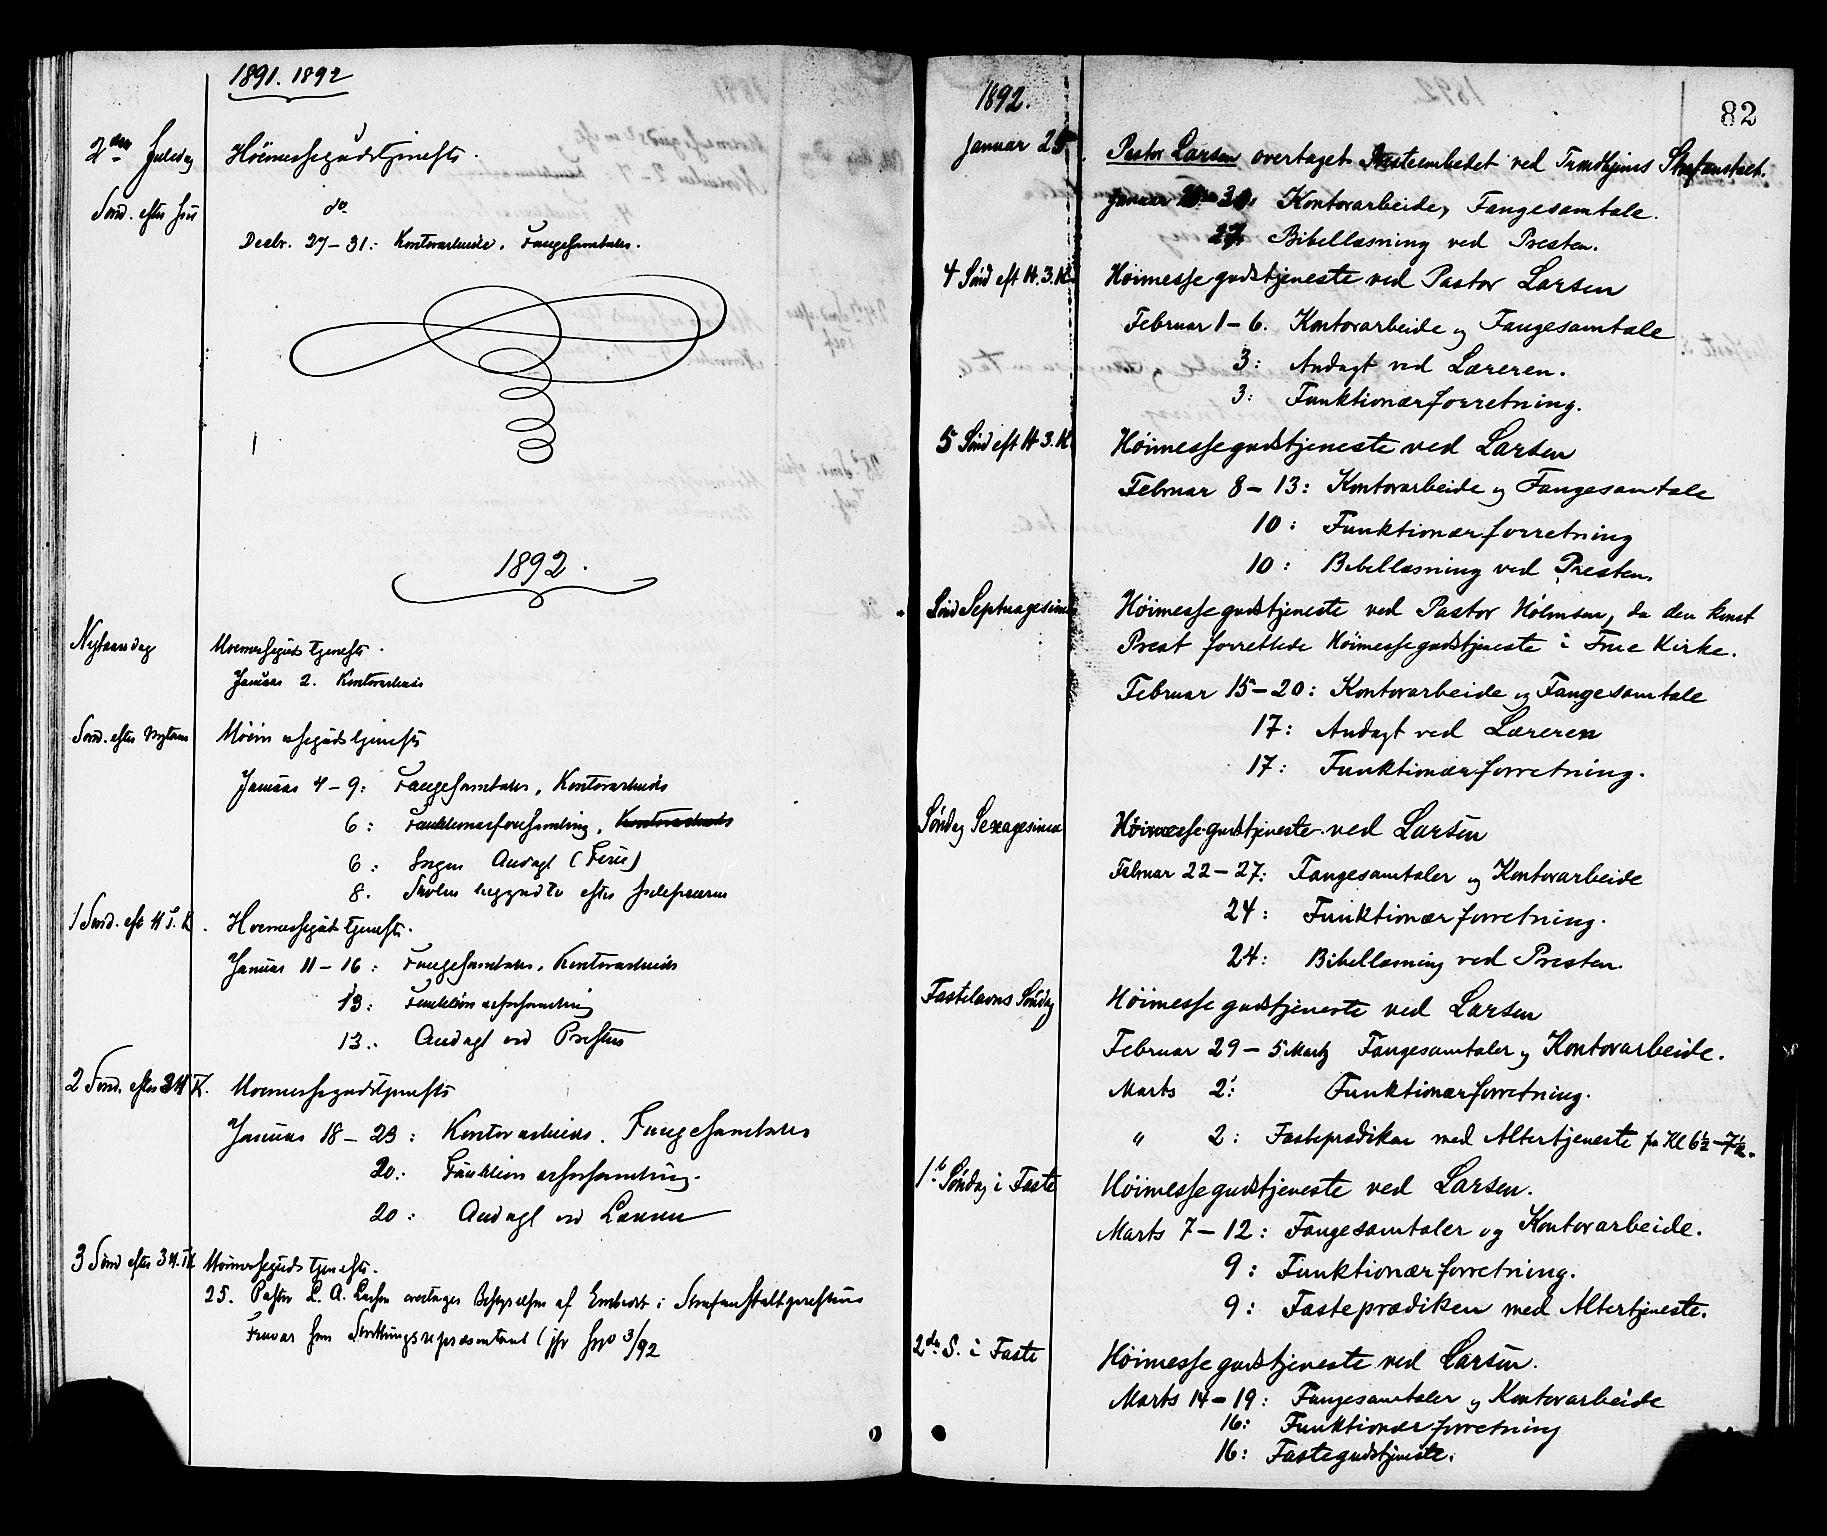 SAT, Ministerialprotokoller, klokkerbøker og fødselsregistre - Sør-Trøndelag, 624/L0482: Ministerialbok nr. 624A03, 1870-1918, s. 82